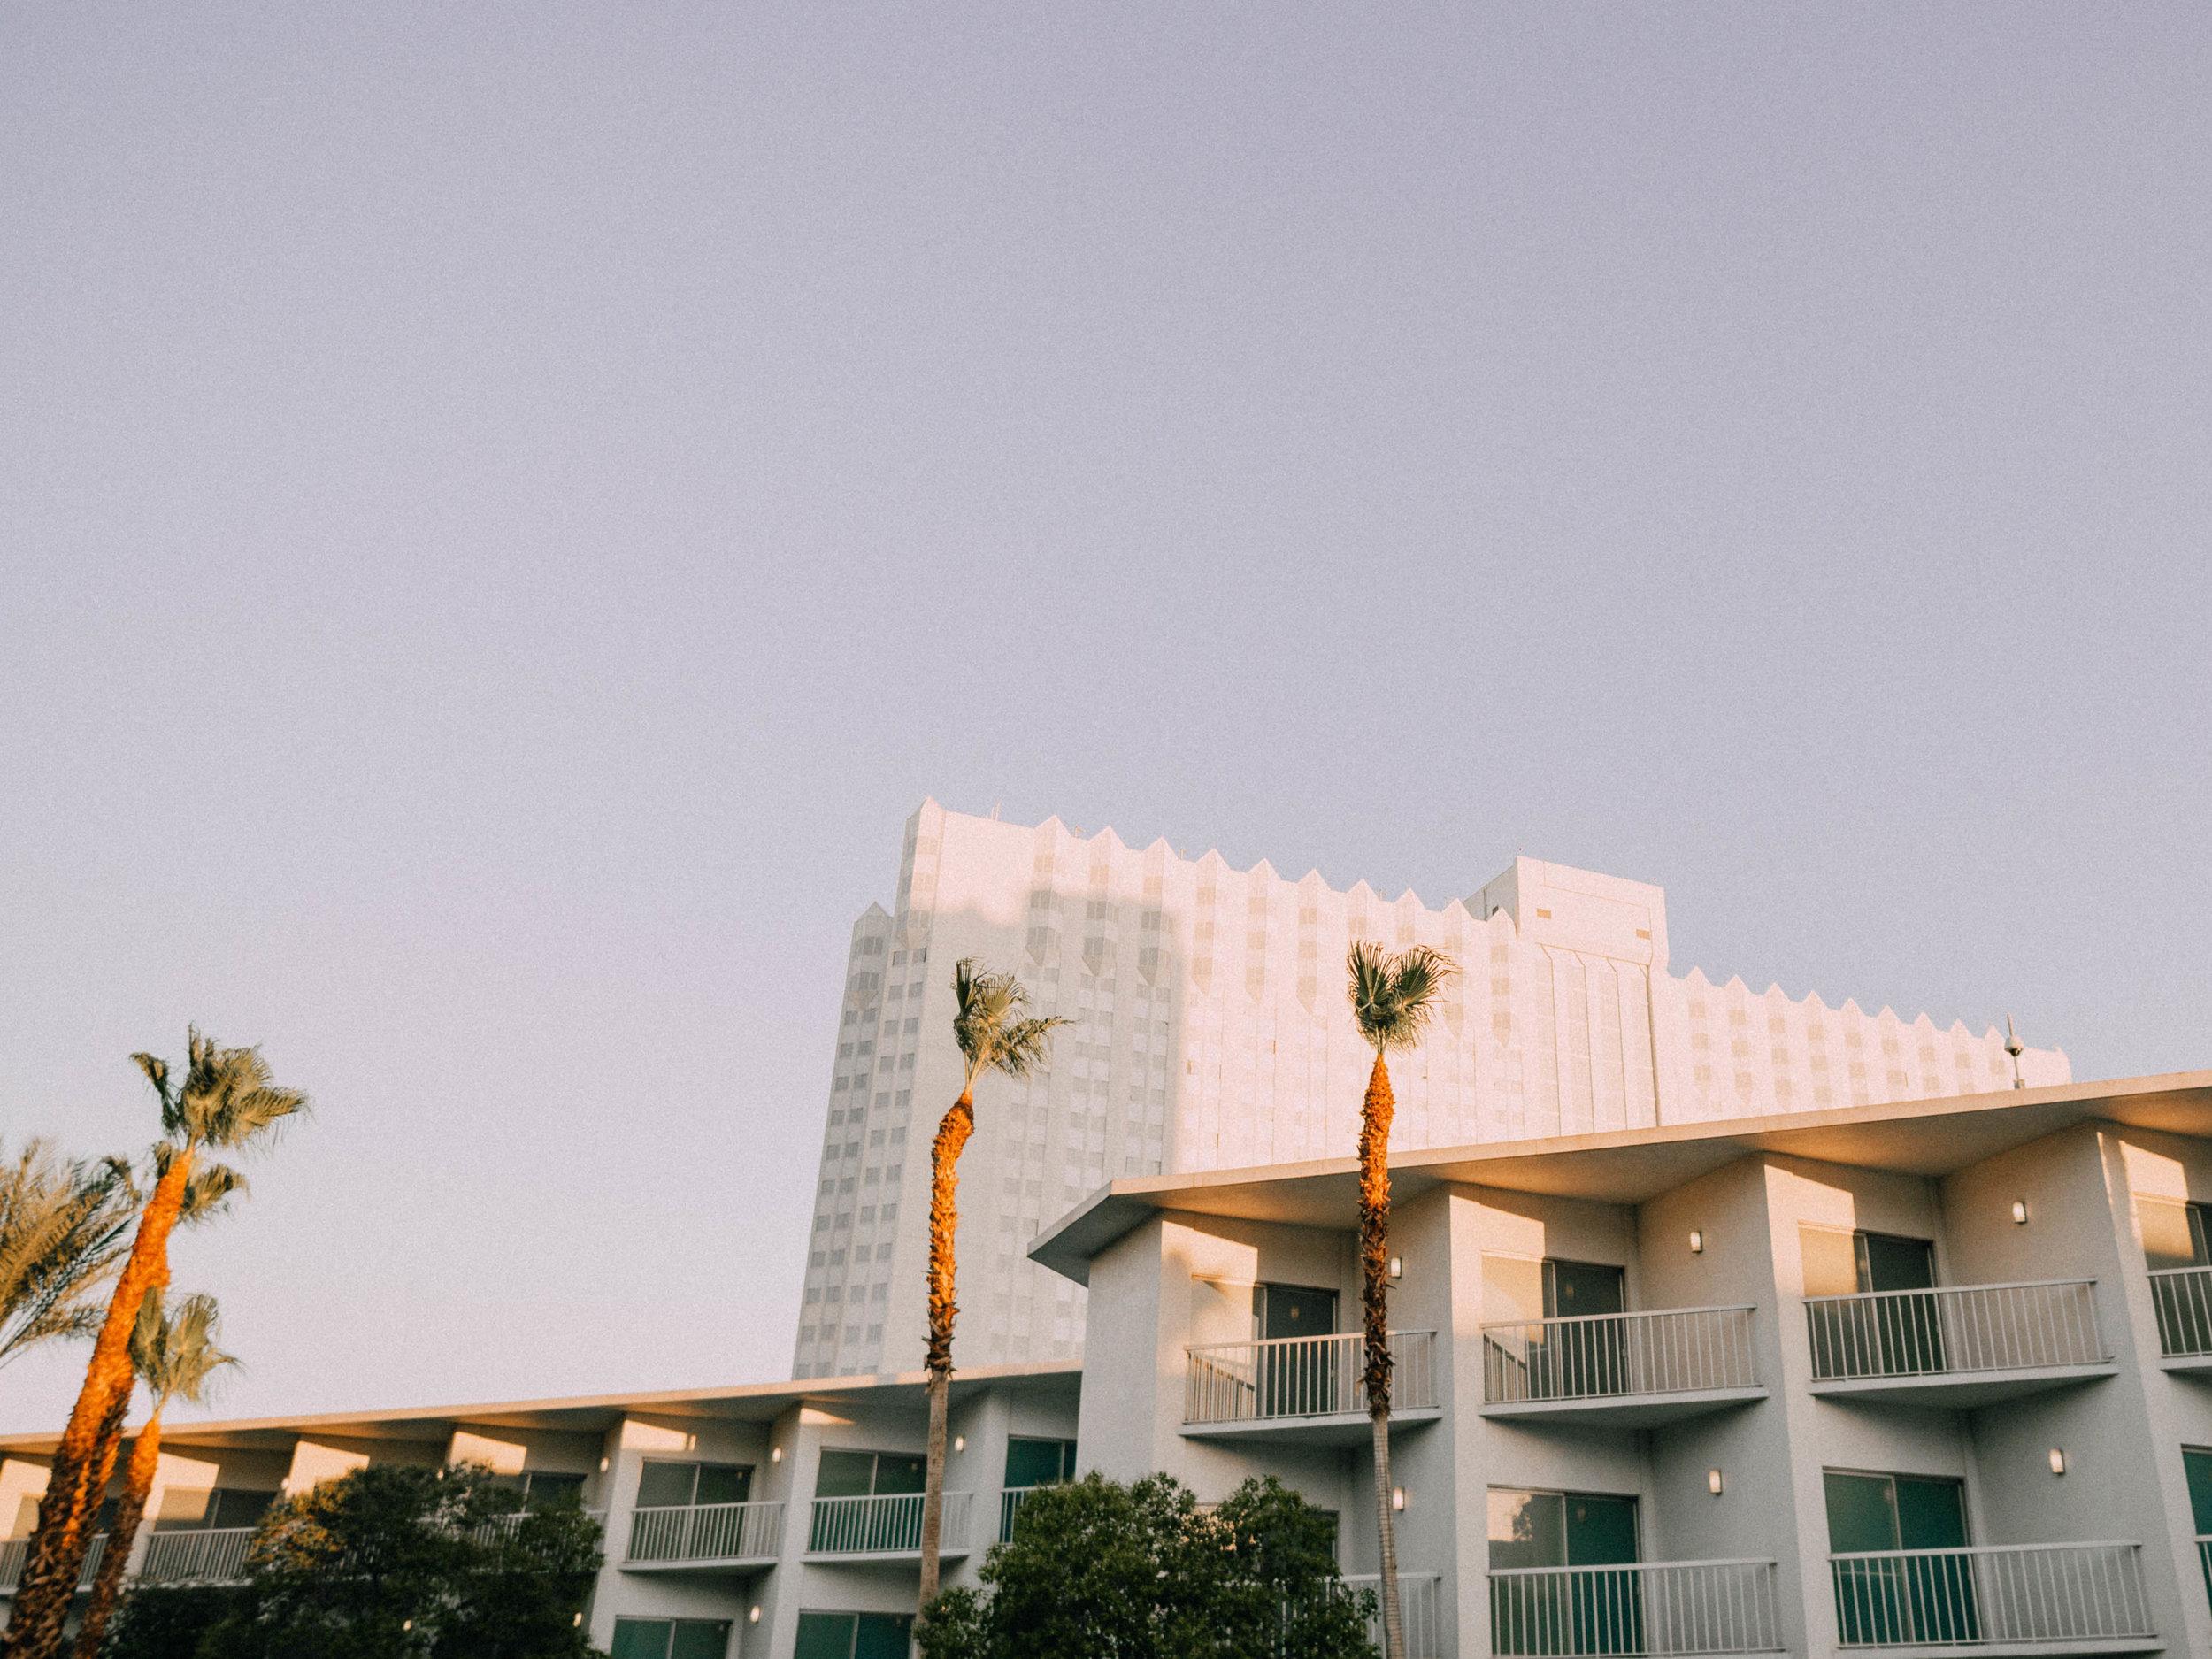 desert-dwelling-tropicana-11.jpg